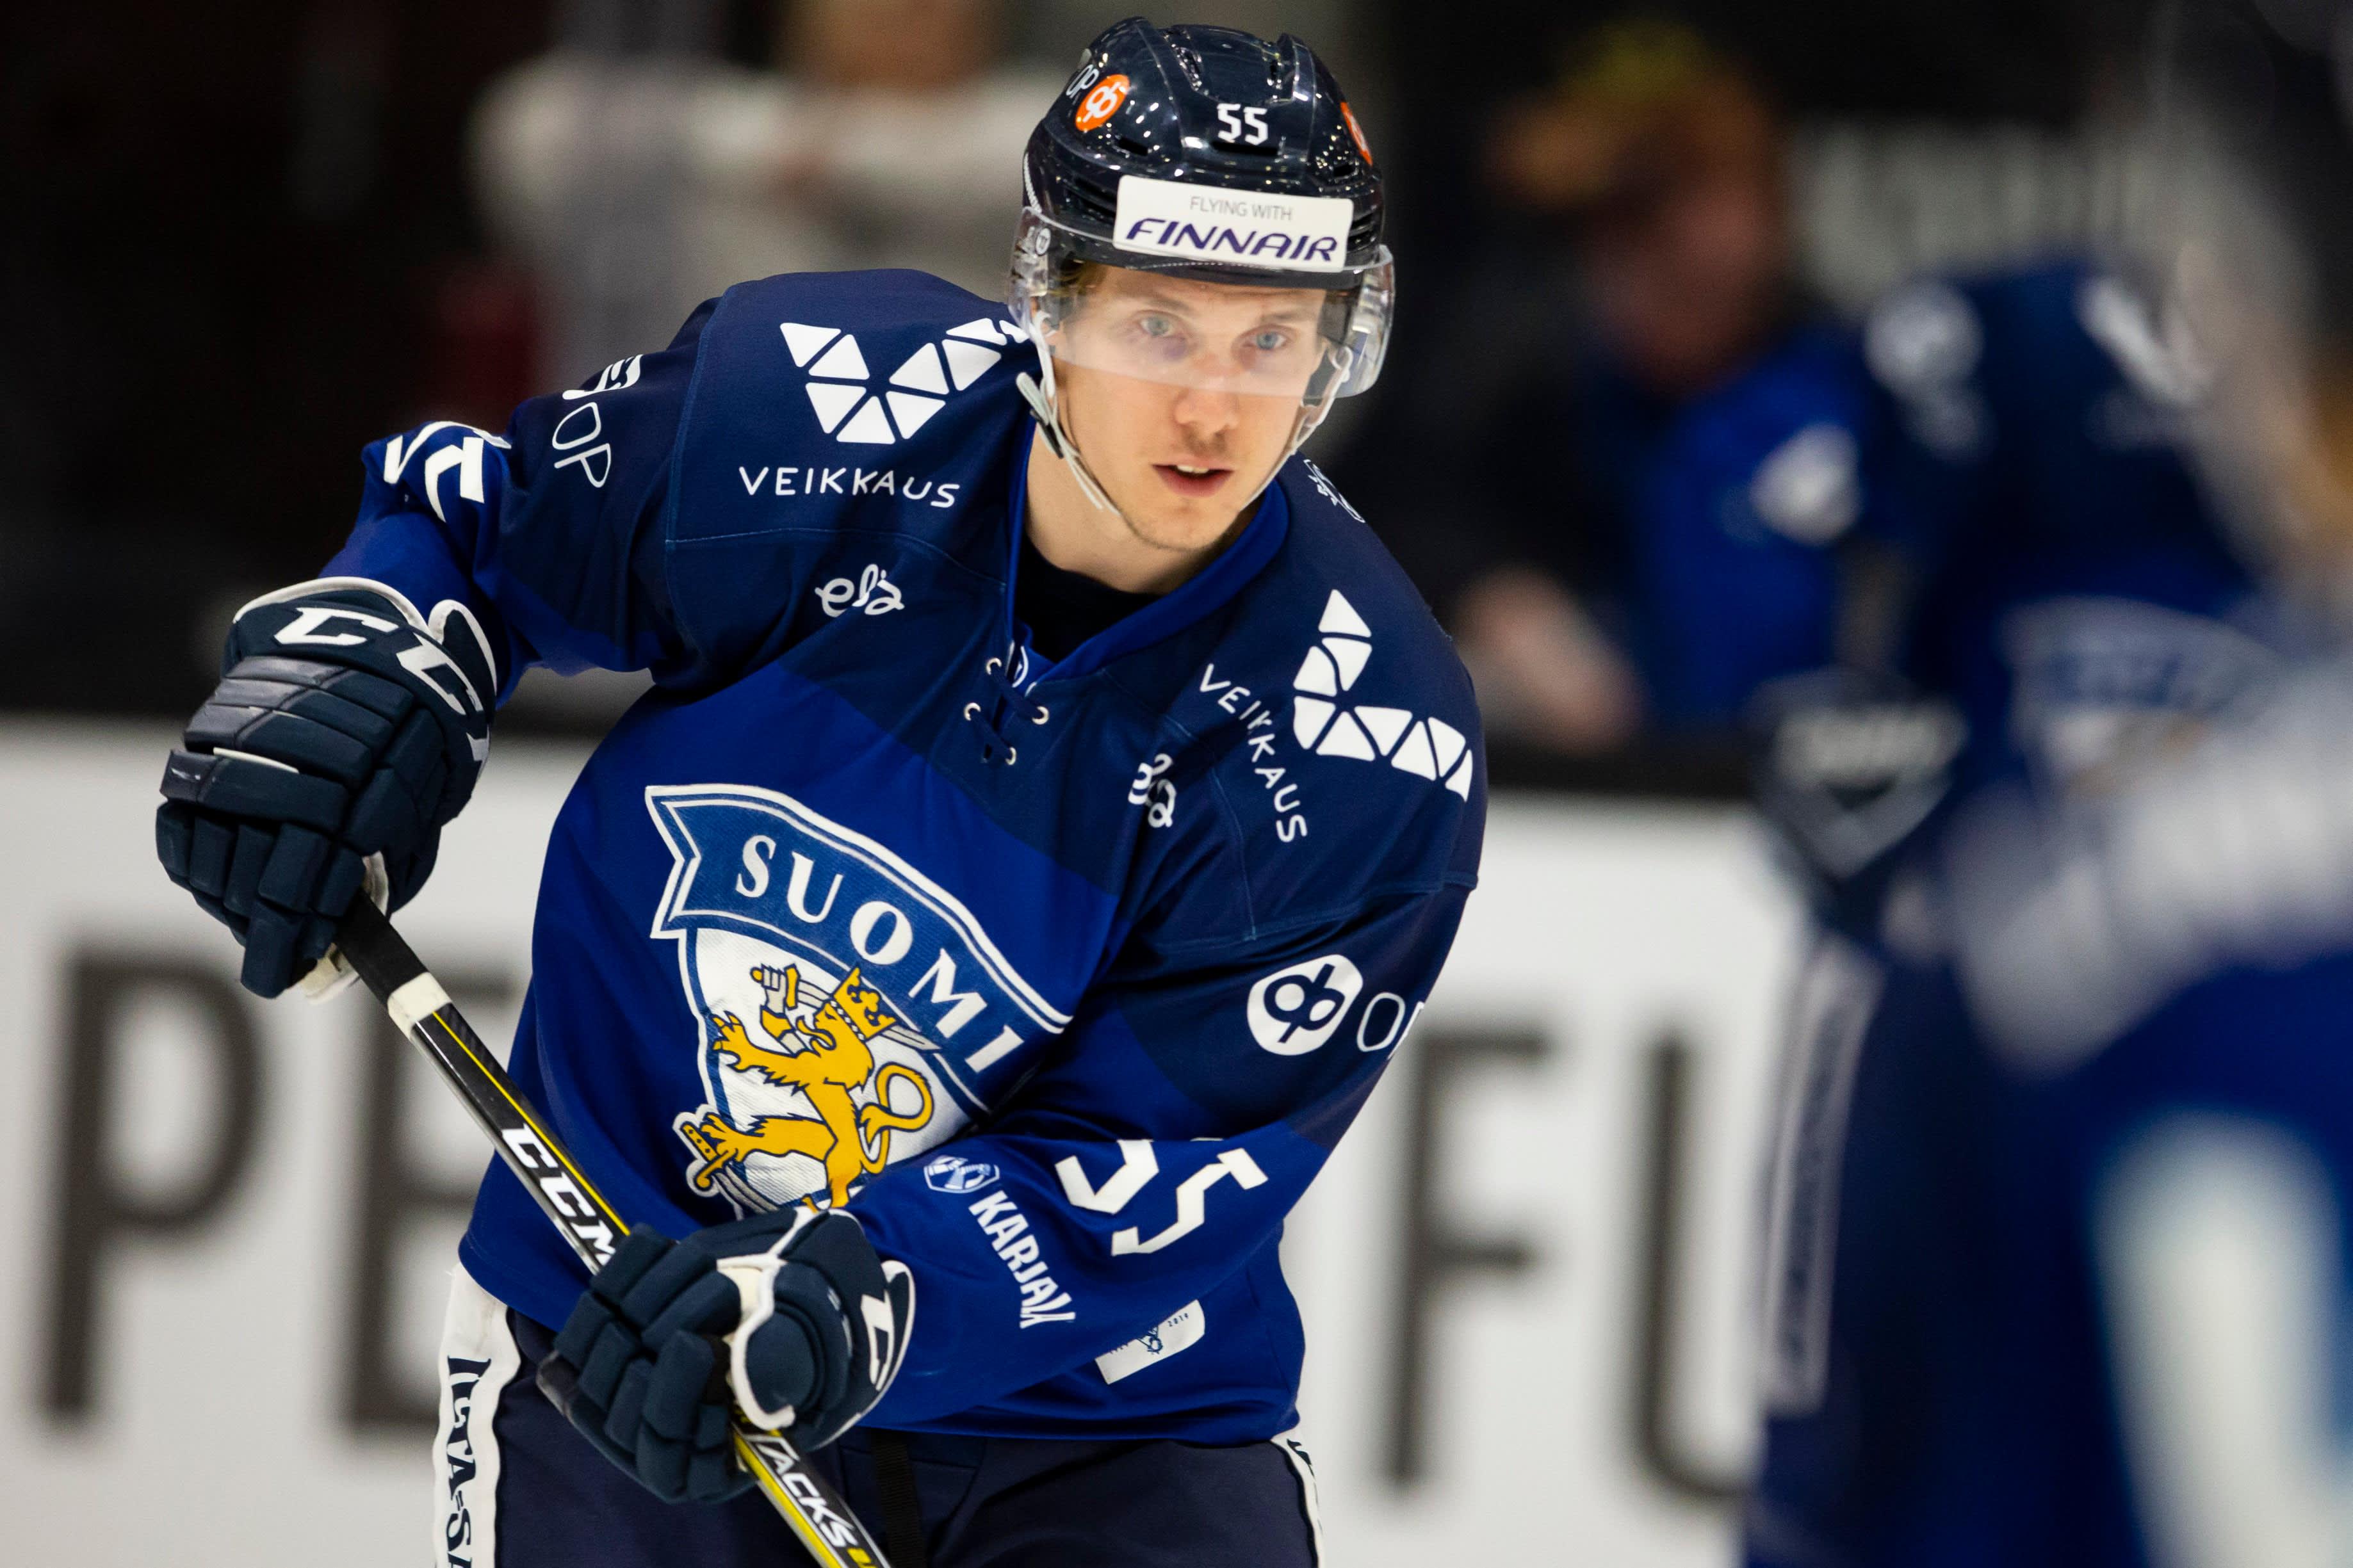 Miika Koivisto on jääkiekon maailmanmestari ja lisäksi Suomen sekä Ruotsin kiekkomestari